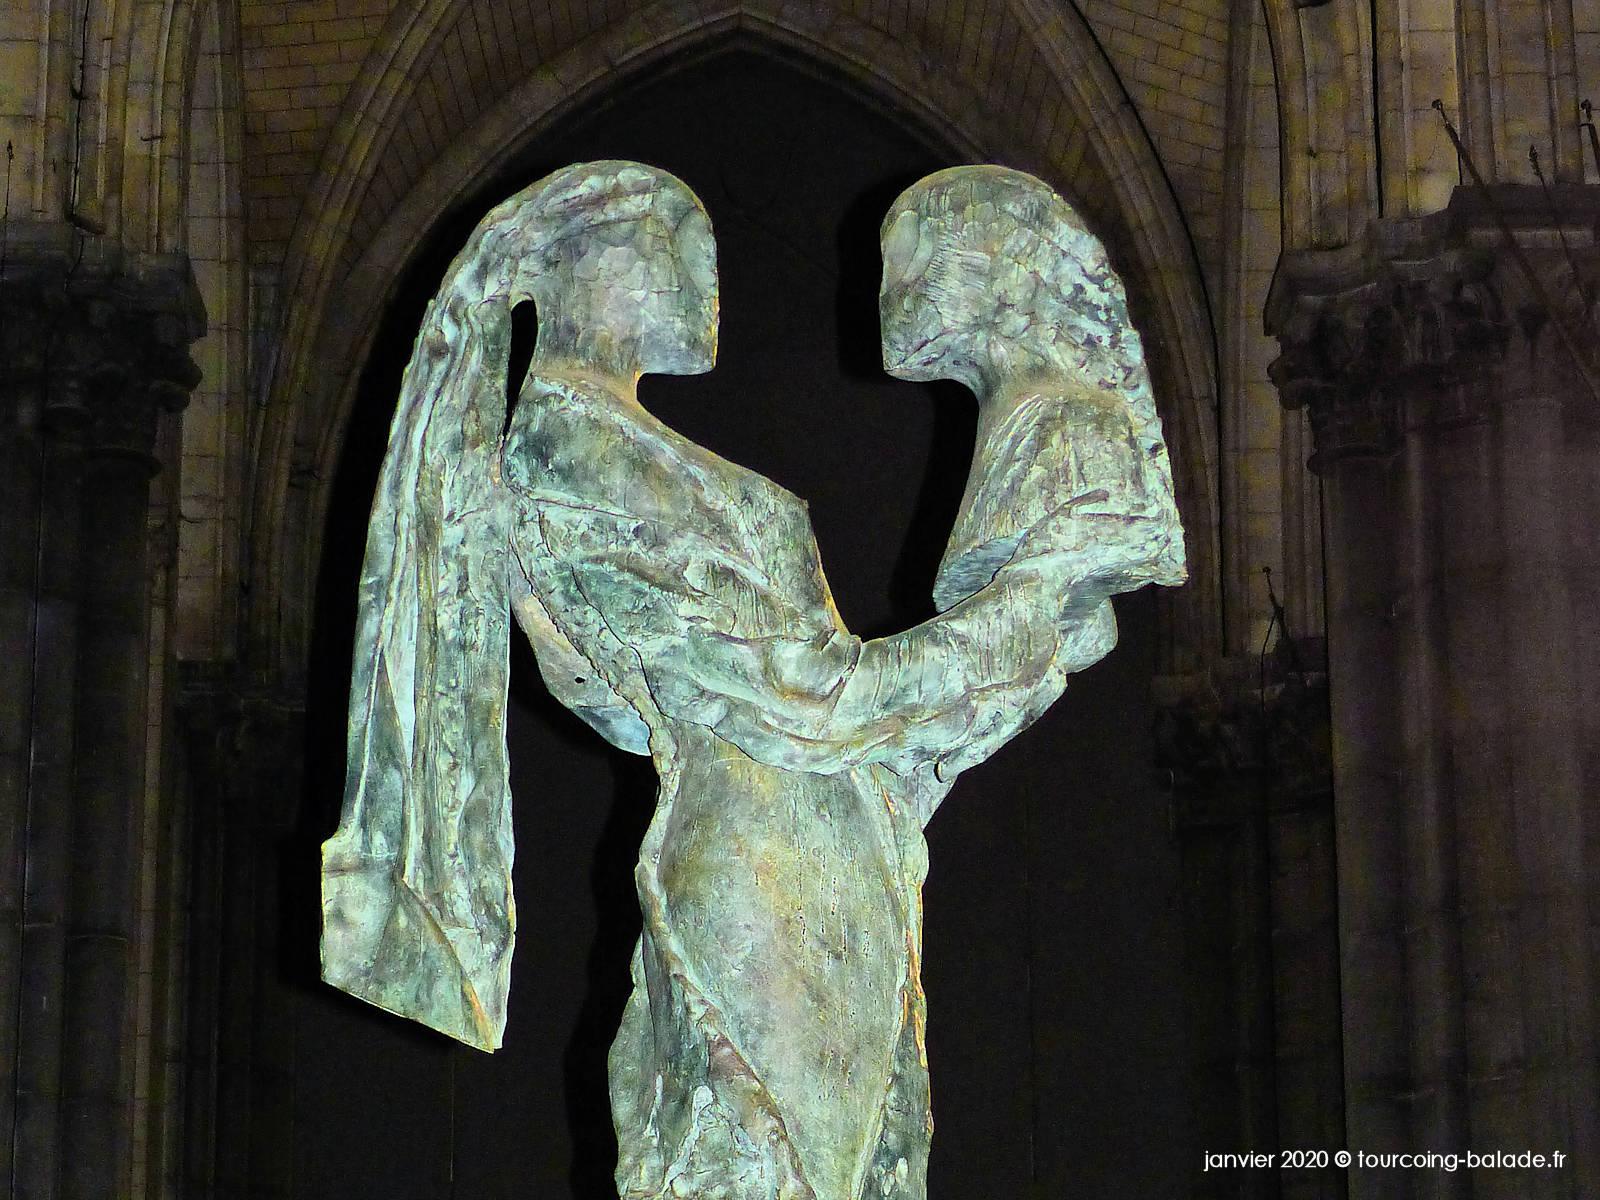 Sculpture Paix avec toi Alquin, Lille 2020